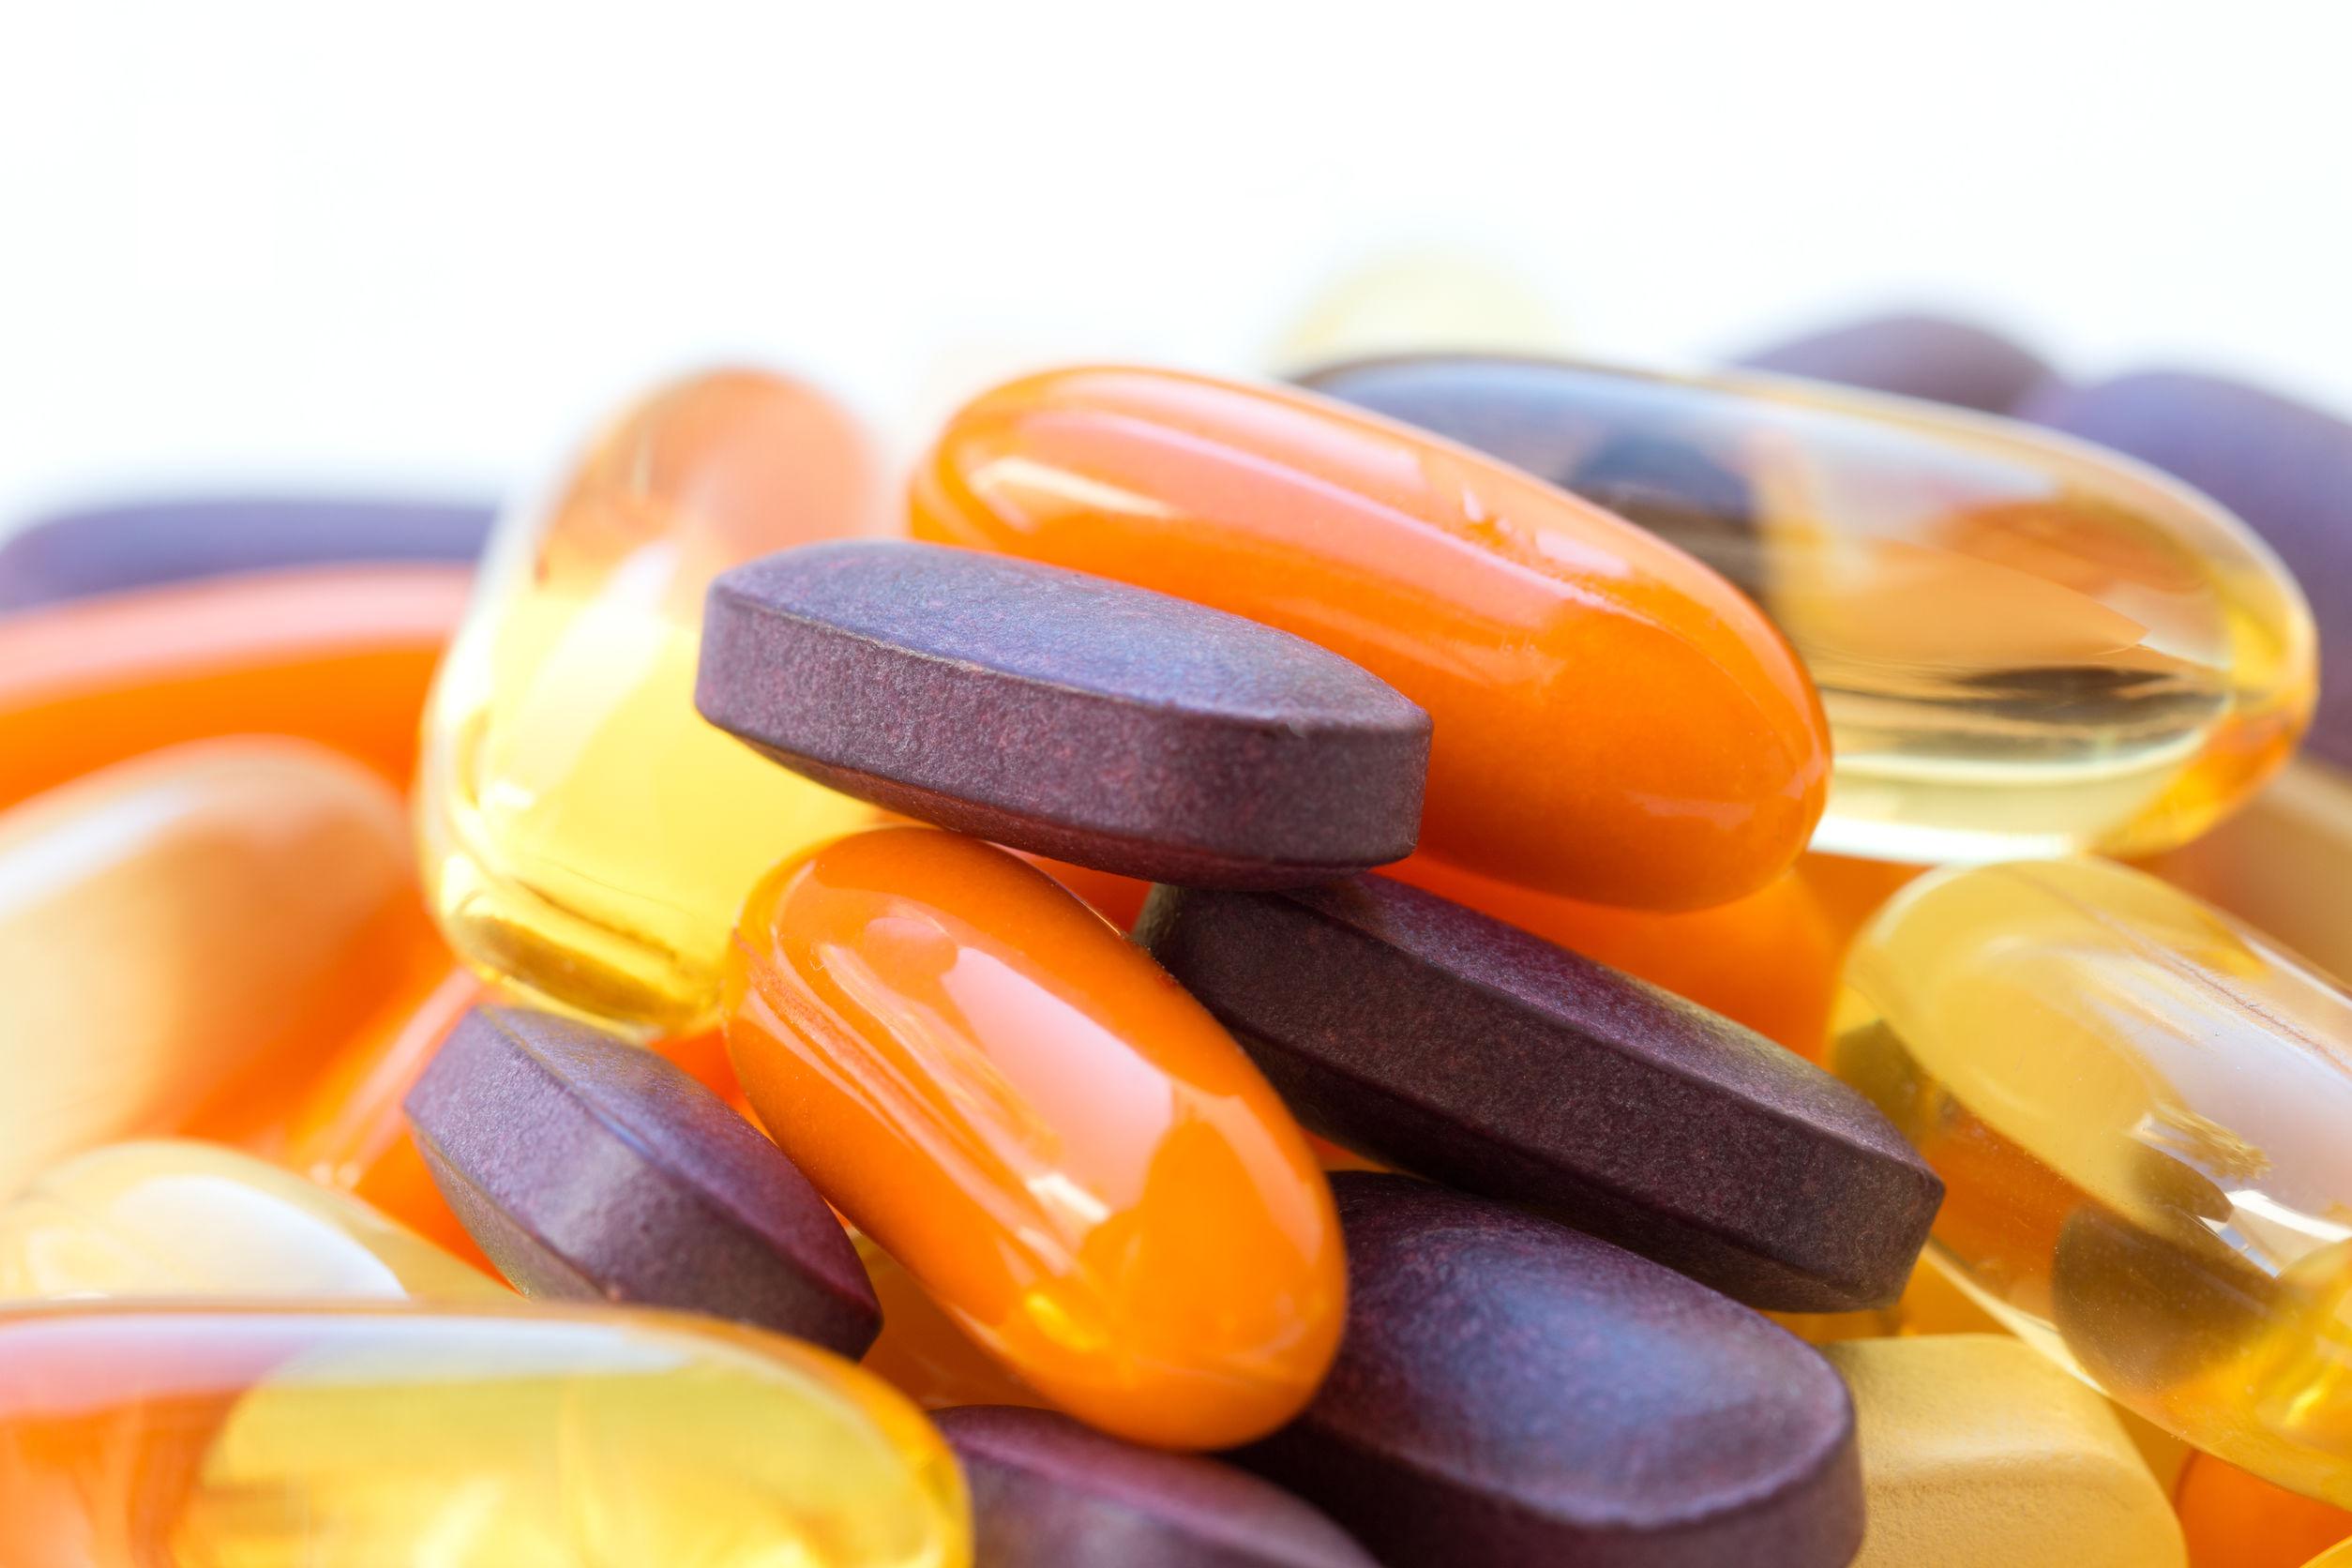 Miglior integratore di Vitamina D3 e K2 2020: Guida all'acquisto